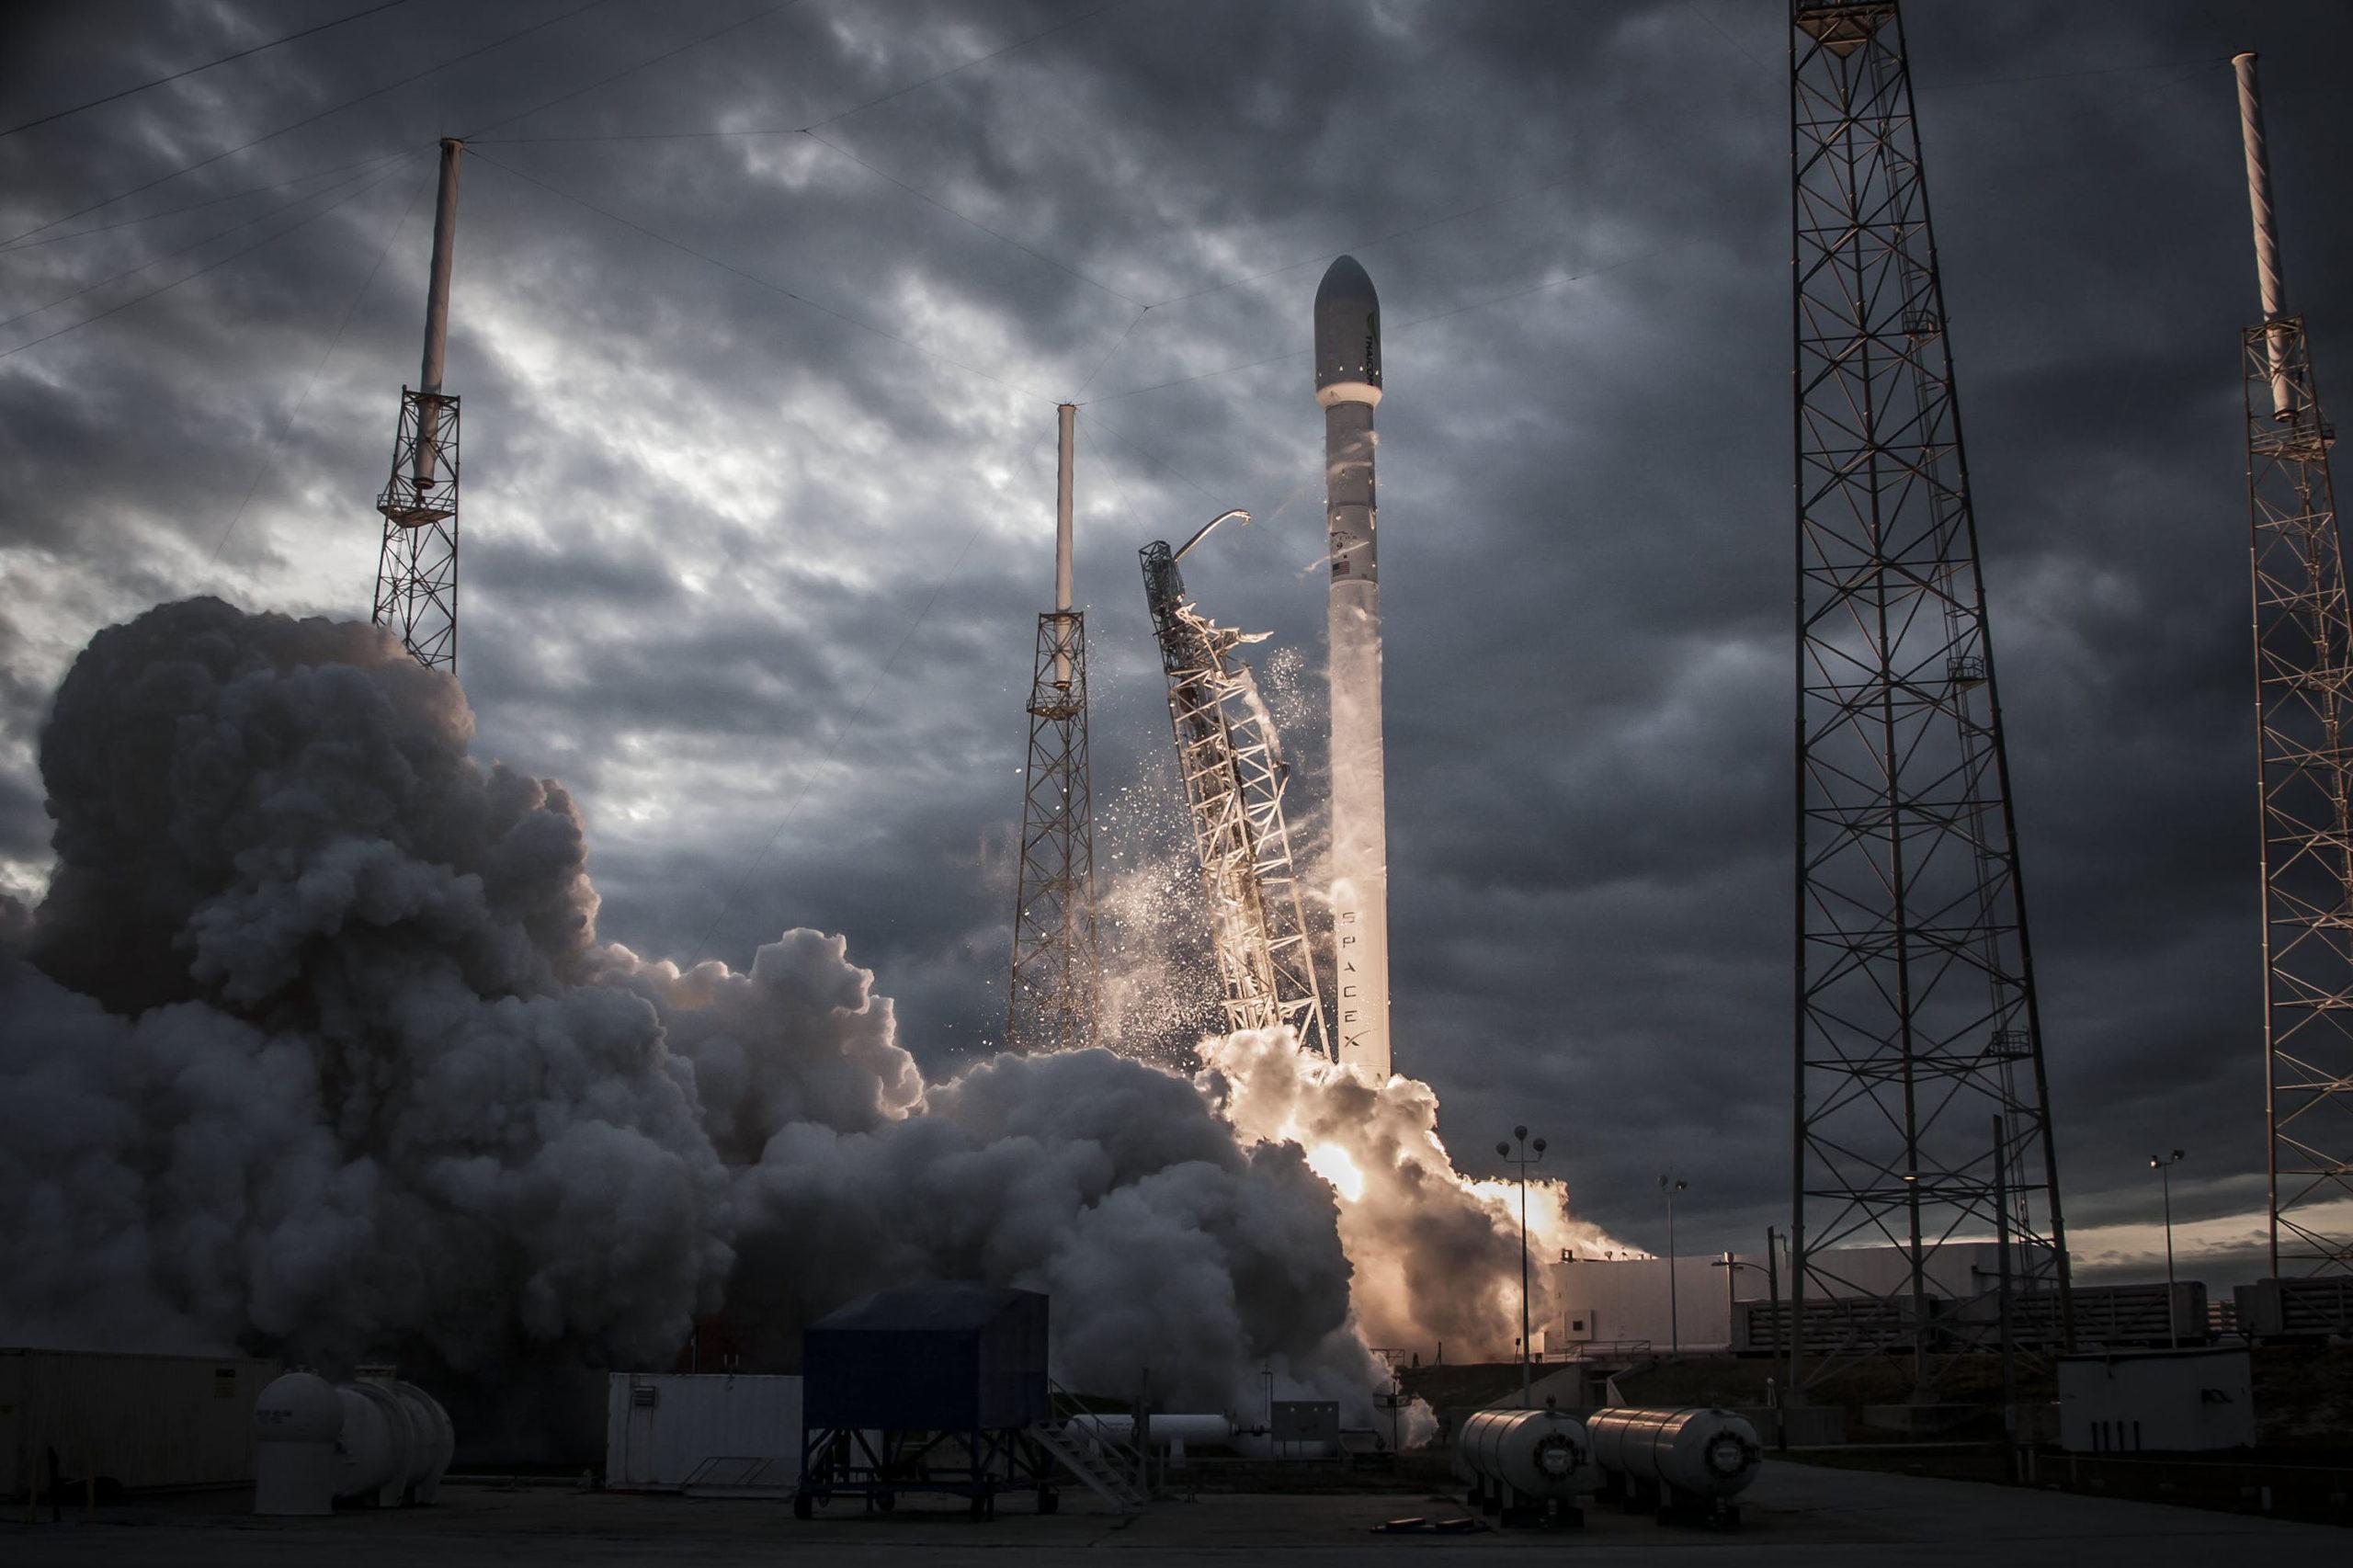 1-й частный полет в космос обойдется в 55 миллионов долларов каждому его участнику